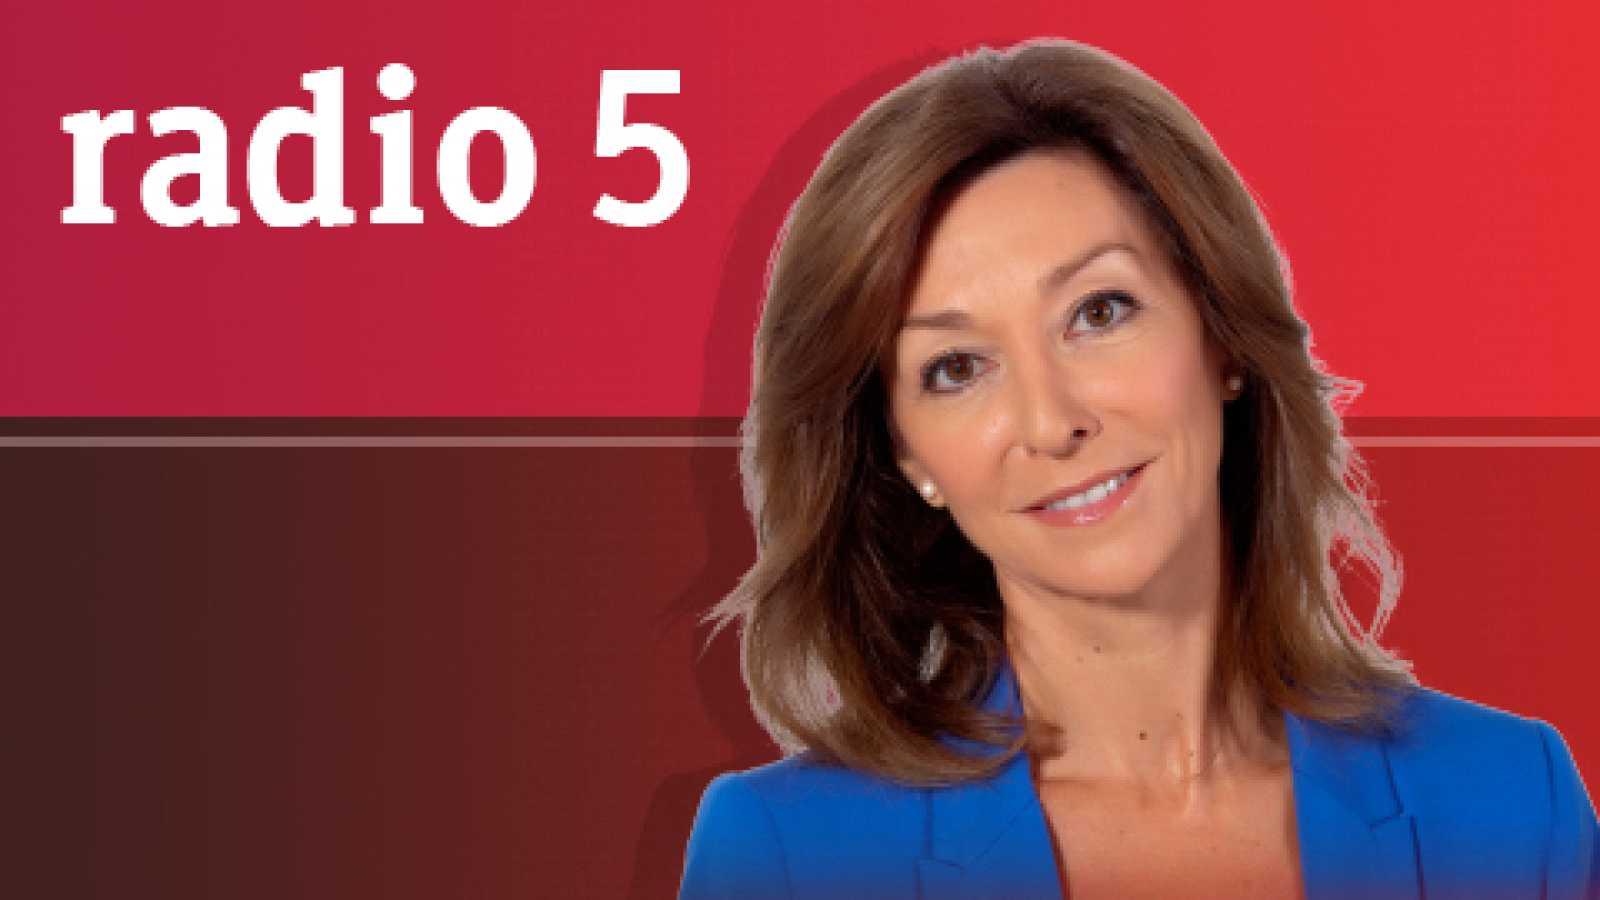 De película en Radio 5 - Nos adelantamos a la alfombra roja de los Feroz: Nos visita Victoria Abril - 26/02/21 - Escuchar ahora